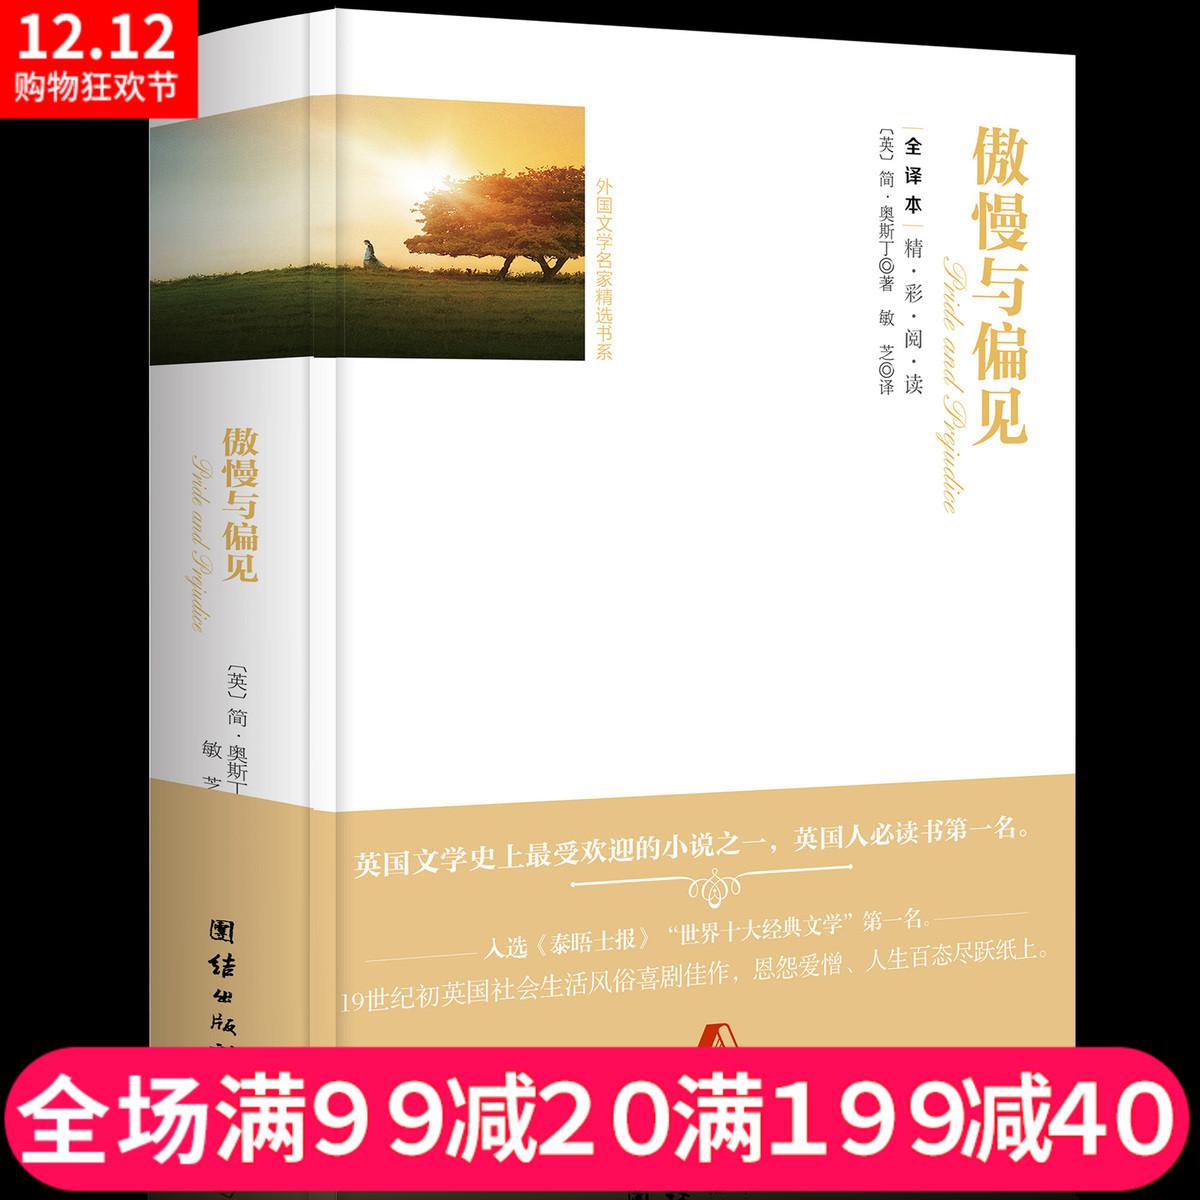 【精装硬皮】傲慢与偏见中文版  正版包邮简.奥斯汀 世界经典文学名著 世界名著 外国名著 青少年学生畅销课外读物畅销书籍